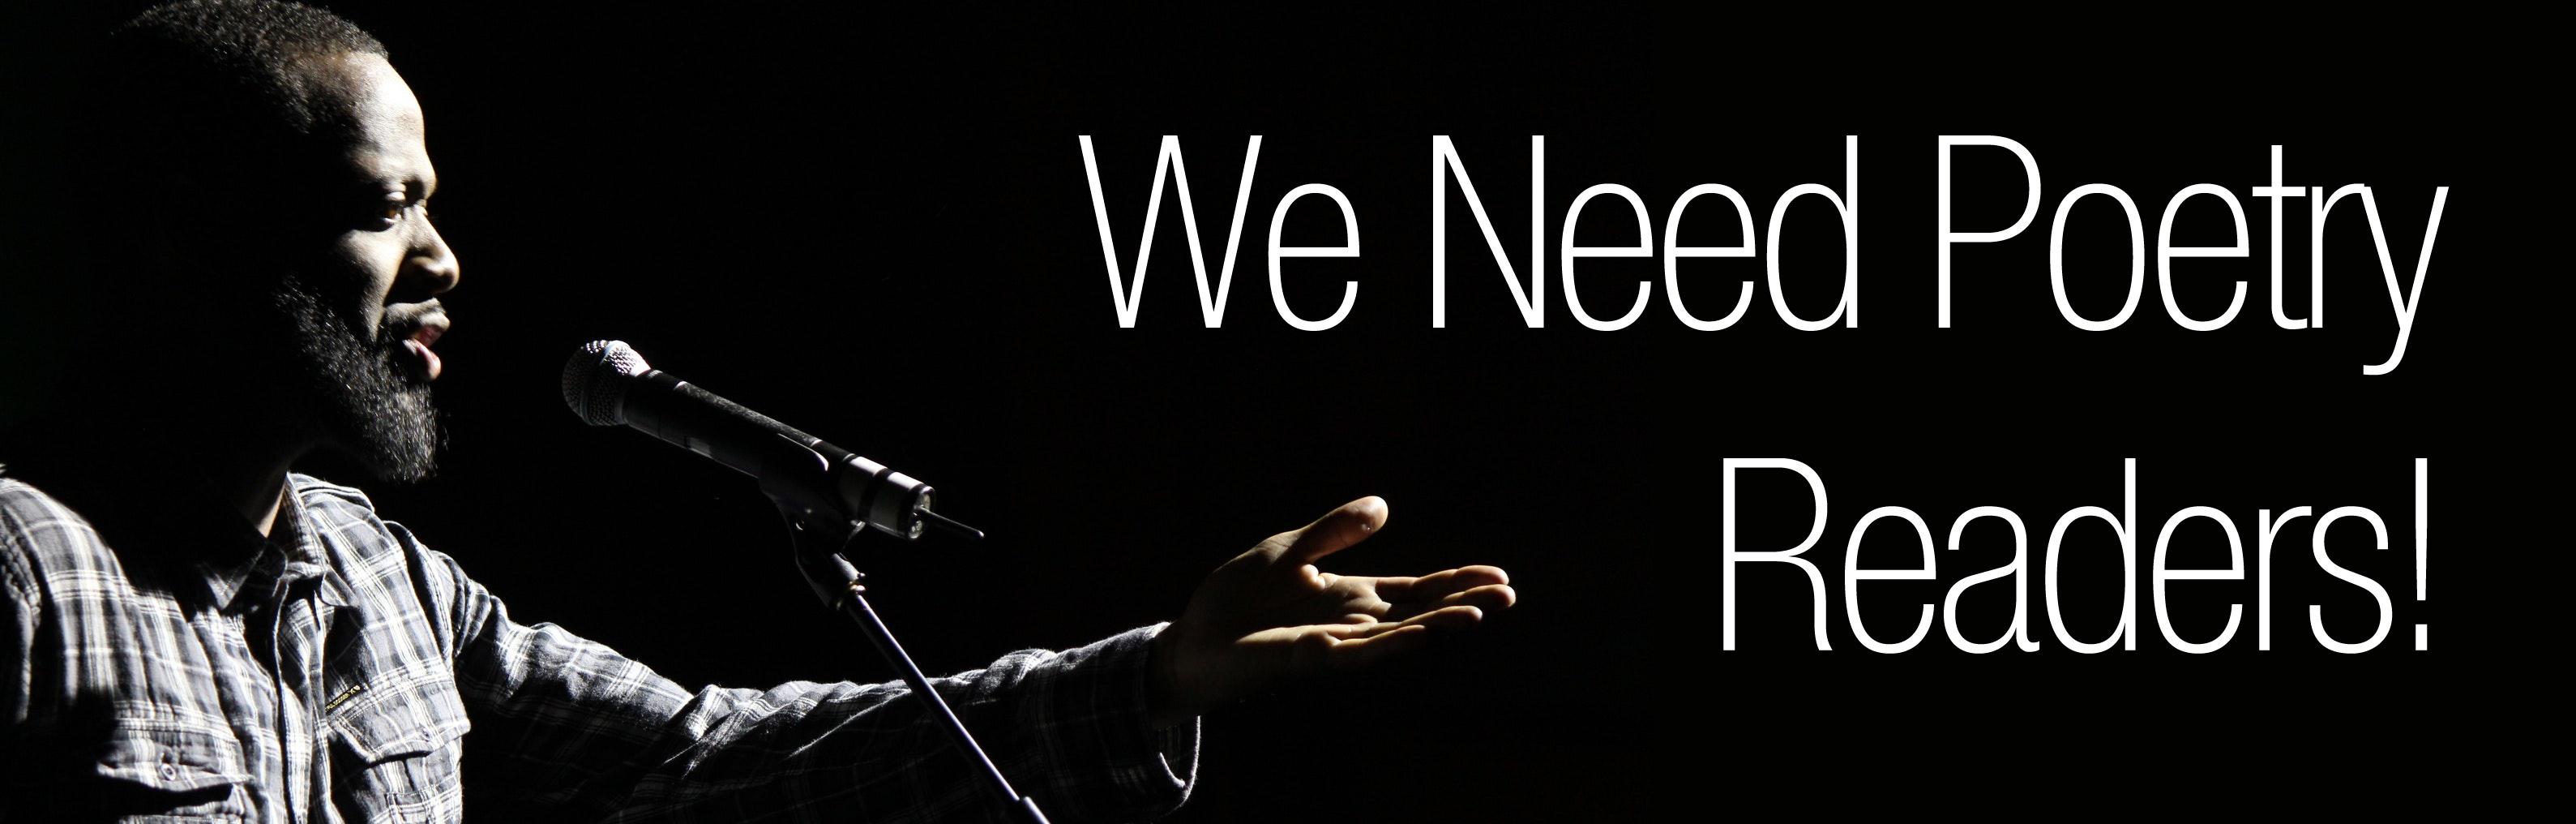 We Need Poetry Readers!